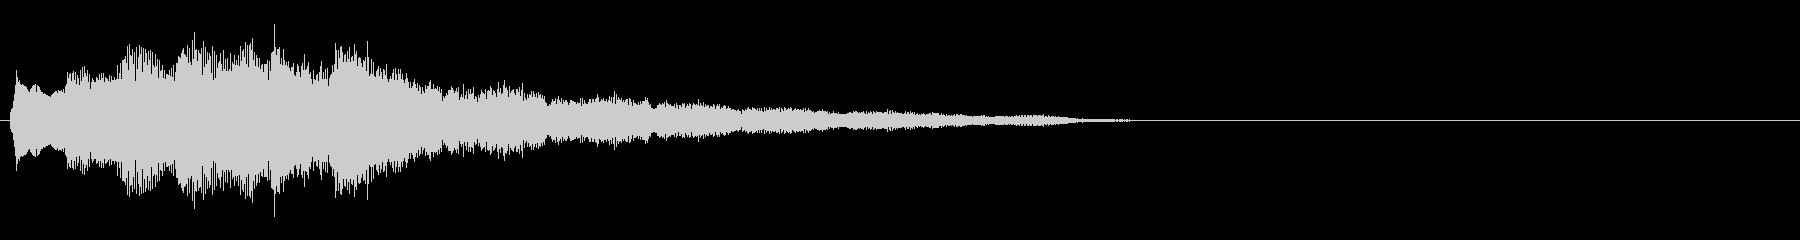 汎用 キラキラ系10(特大) 場面転換の未再生の波形